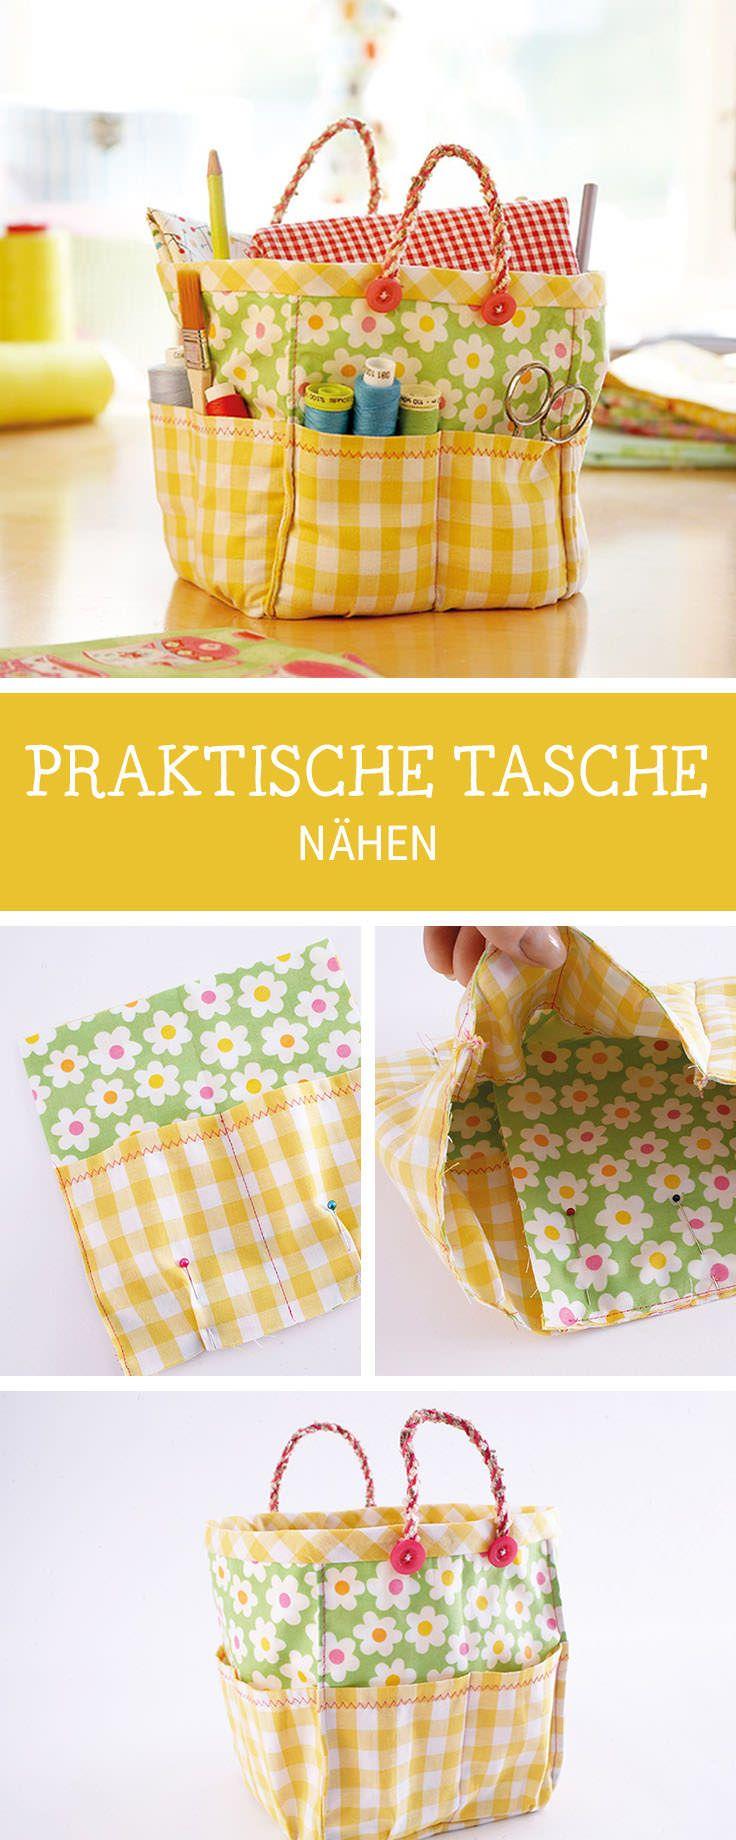 Nähanleitung für eine große Strandtasche, Taschen nähen mit Schnittmuster / sewing pattern for a big beach shopper bag via DaWanda.com